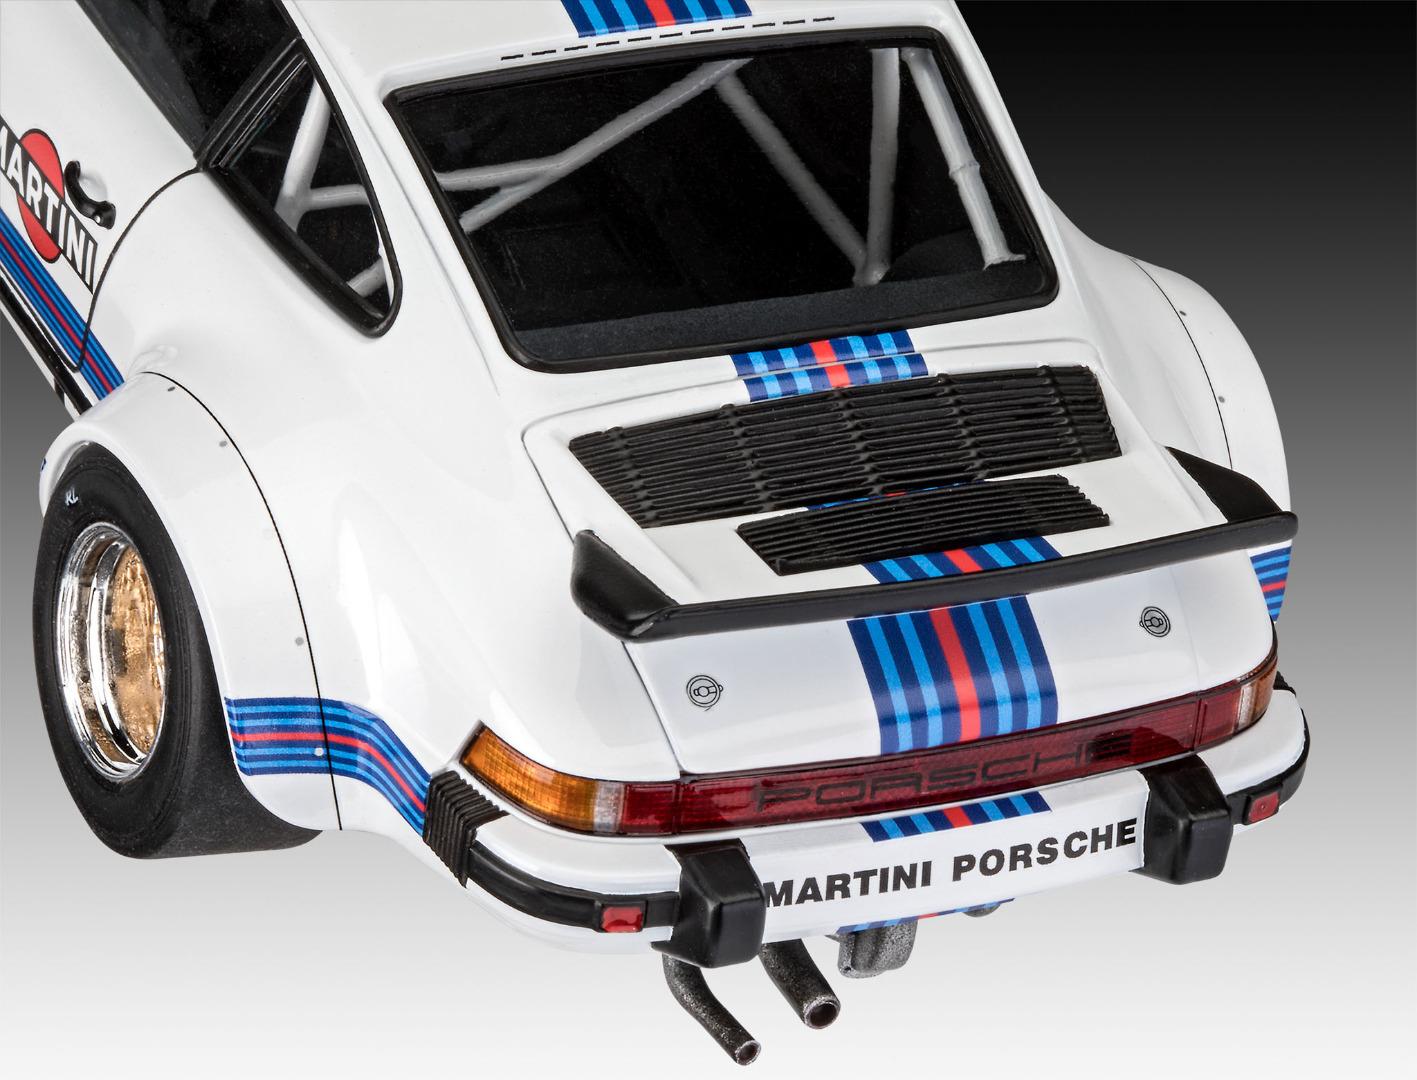 Revell Model Kit Porsche 934 RSR Martini Scale 1:24